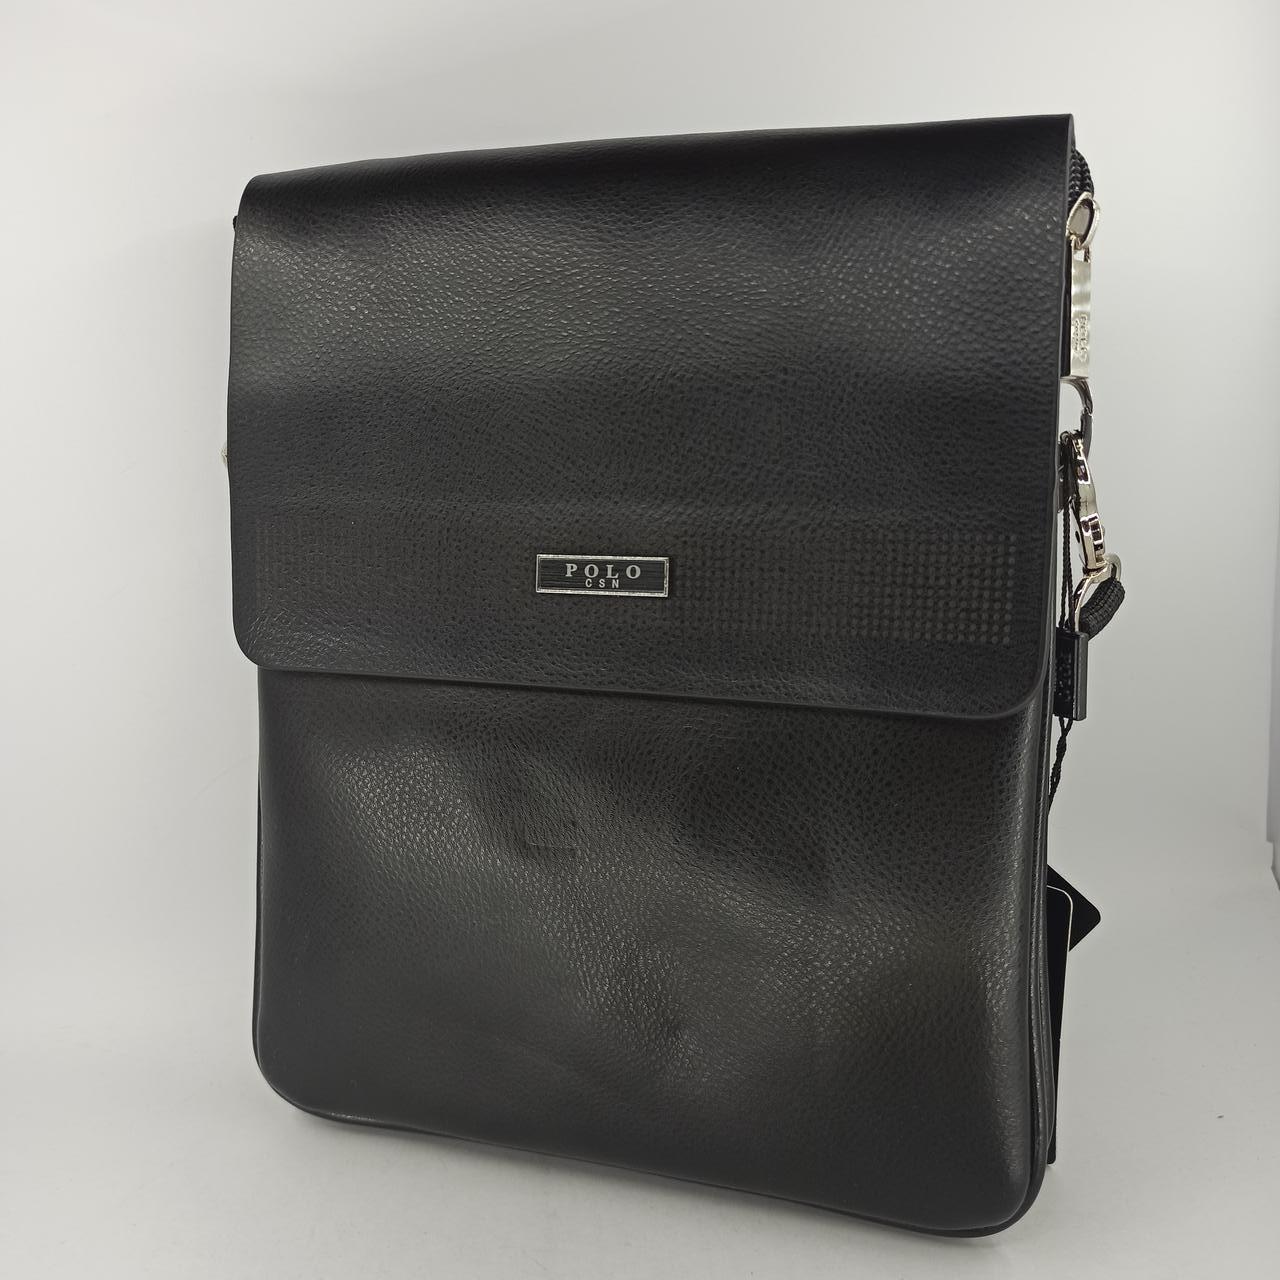 Мужская кожаная сумка планшет через плечо Polo B6779-3